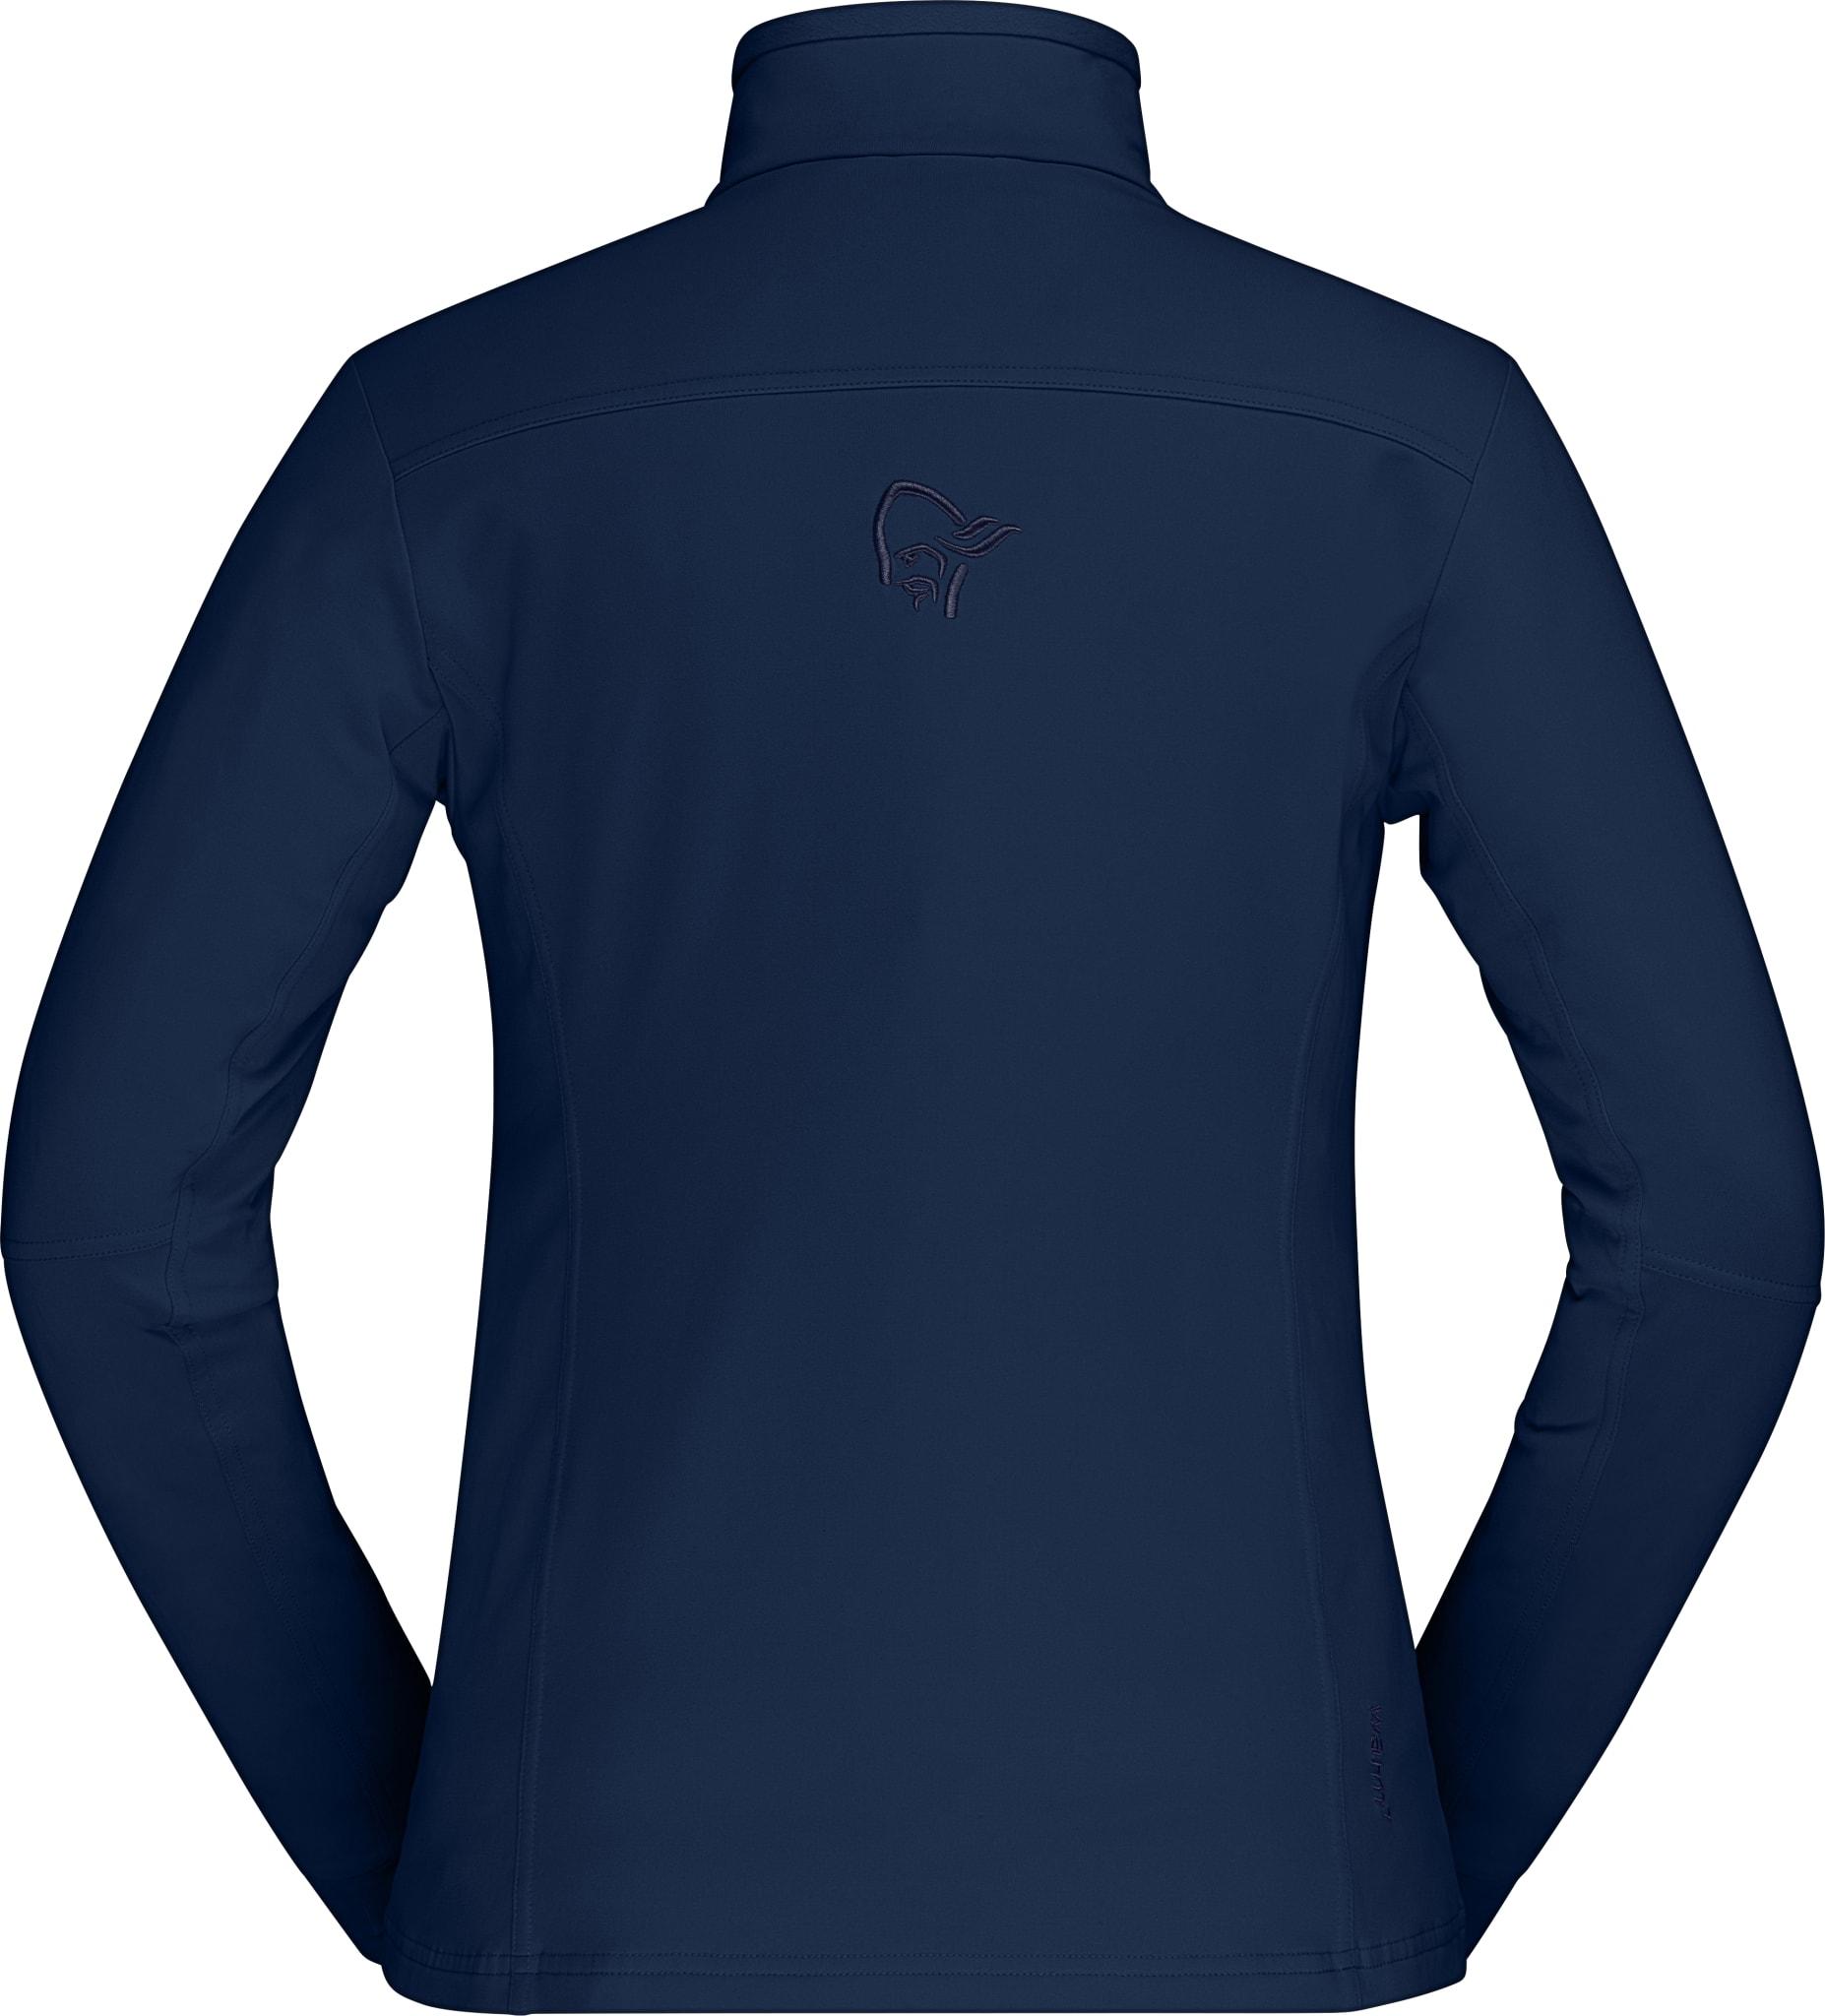 Falketind warm1 stretch Jacket W